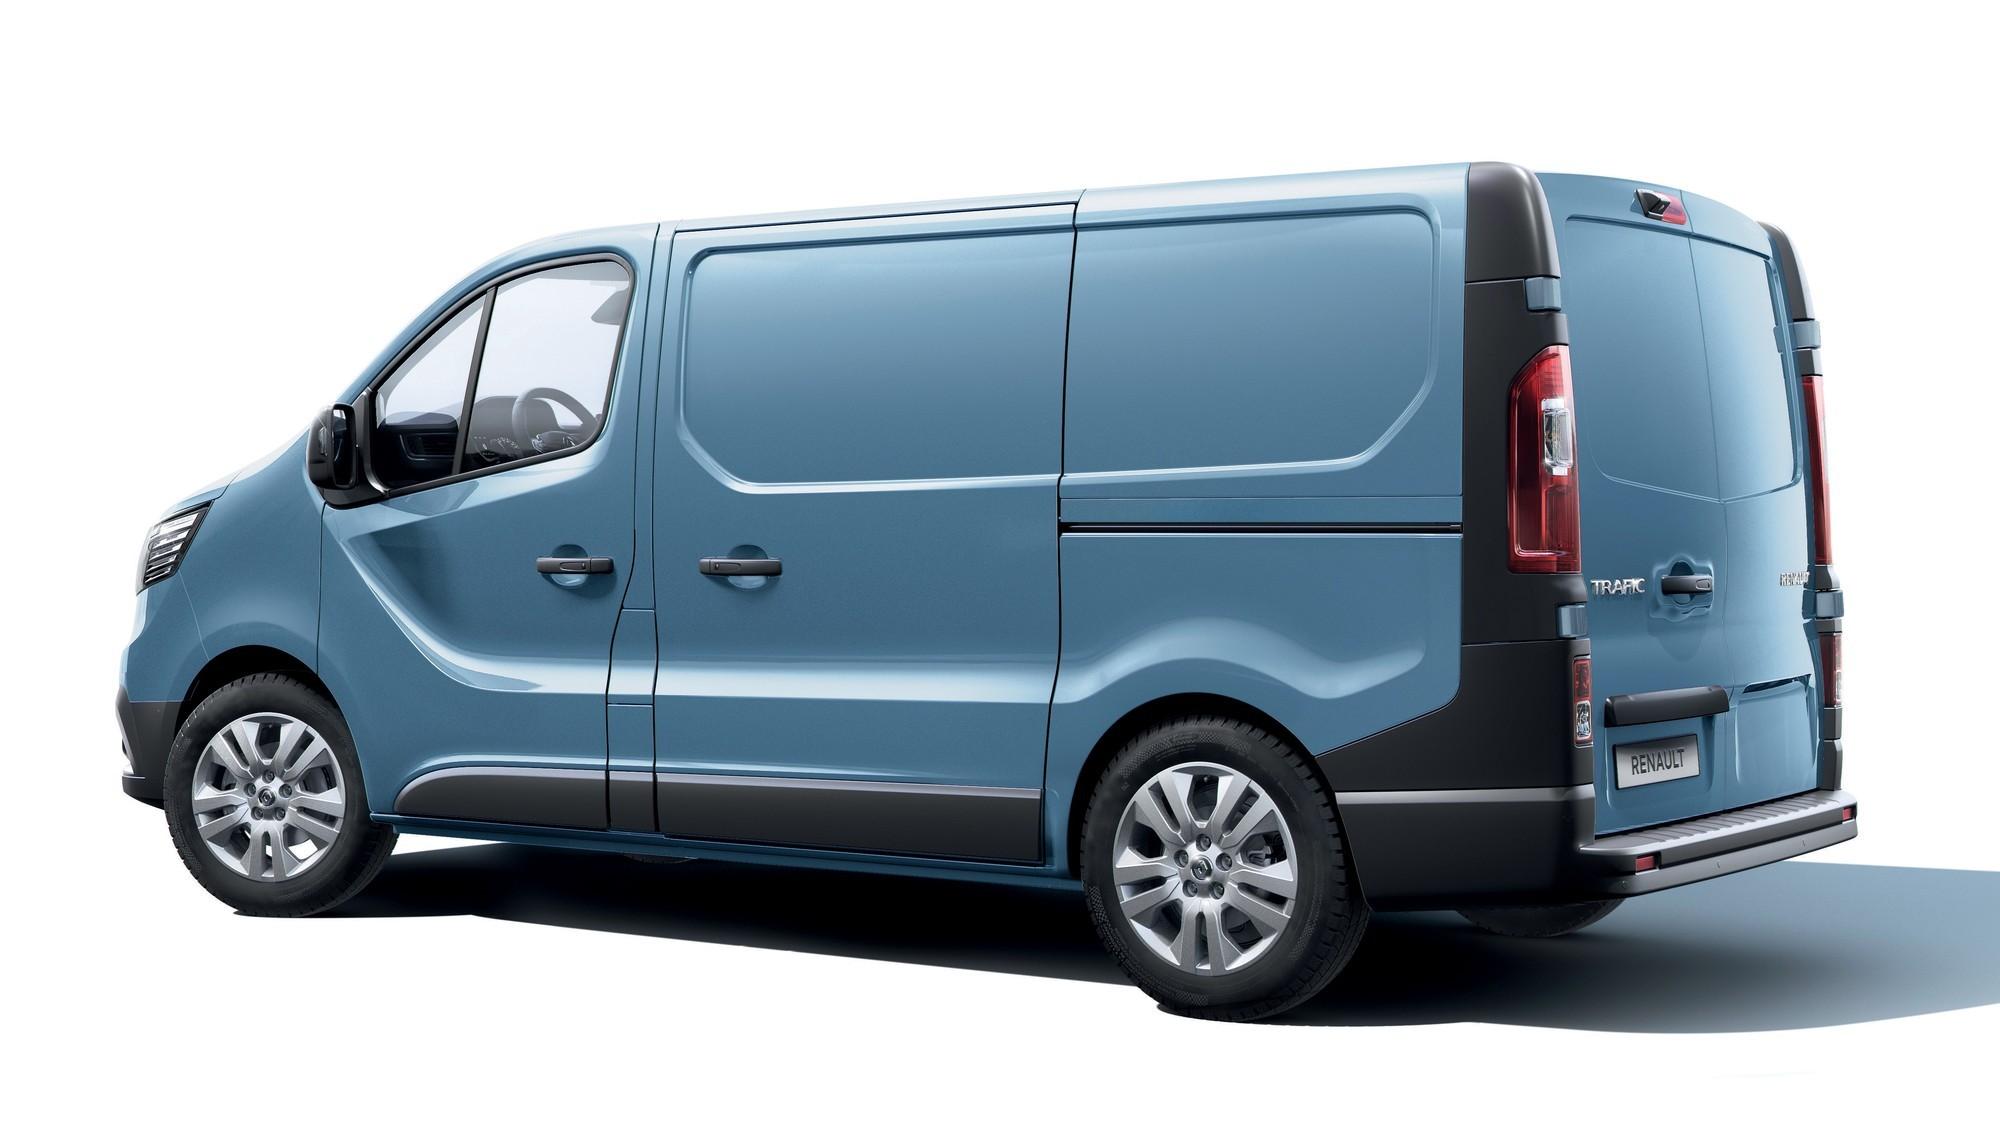 Обновлённый Renault Trafic: теперь и грузовой вариант с 10 новыми ассистентами водителя